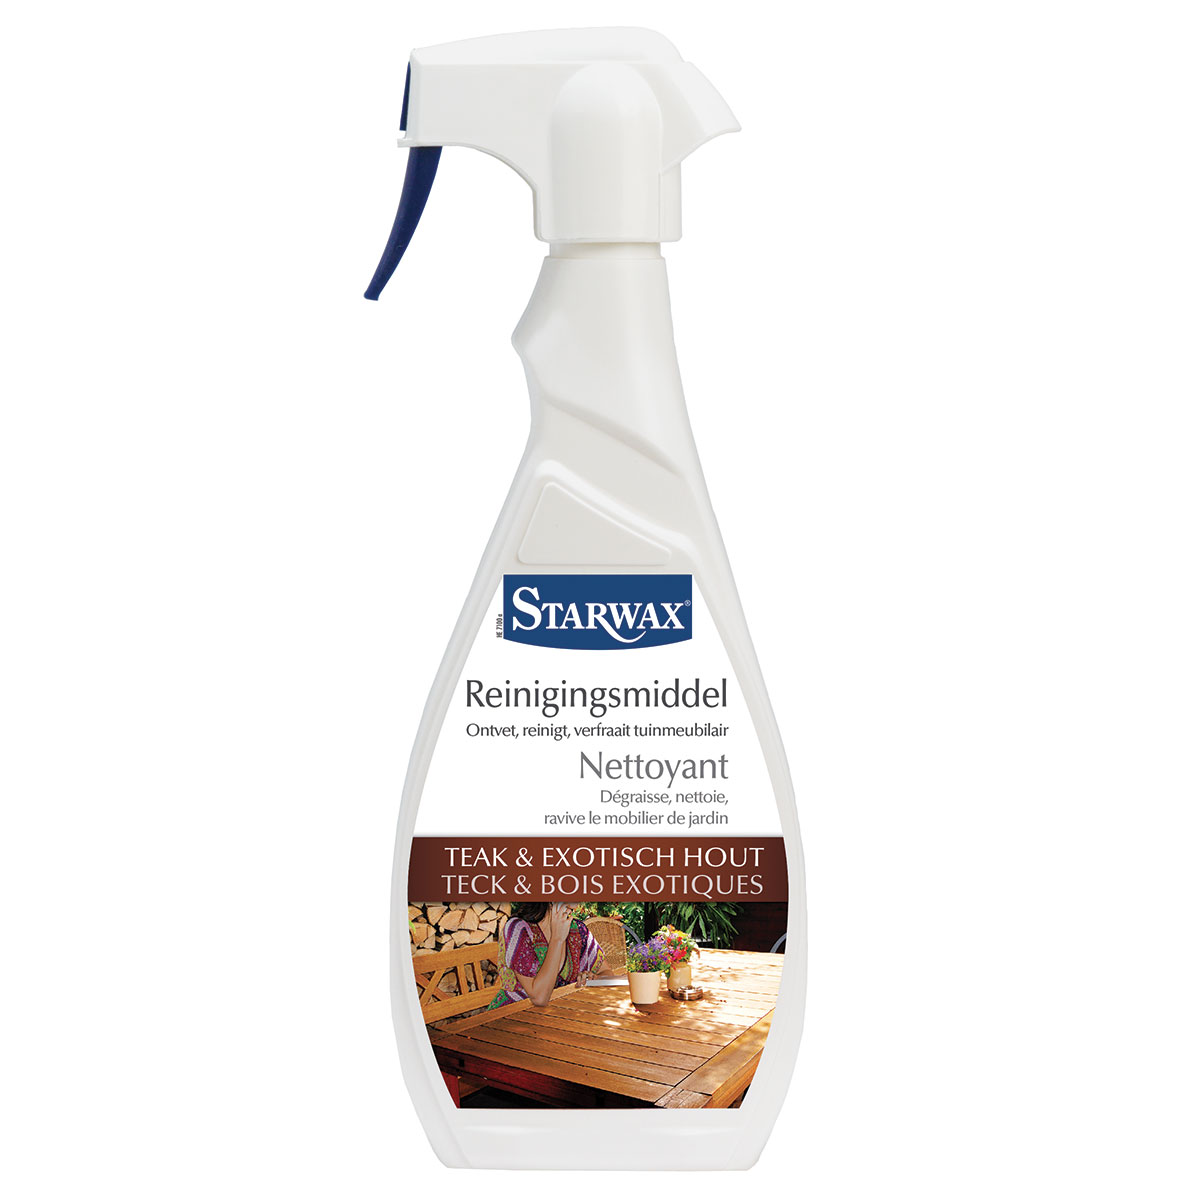 Nettoyant teck et bois exotique | Starwax, entretien maison